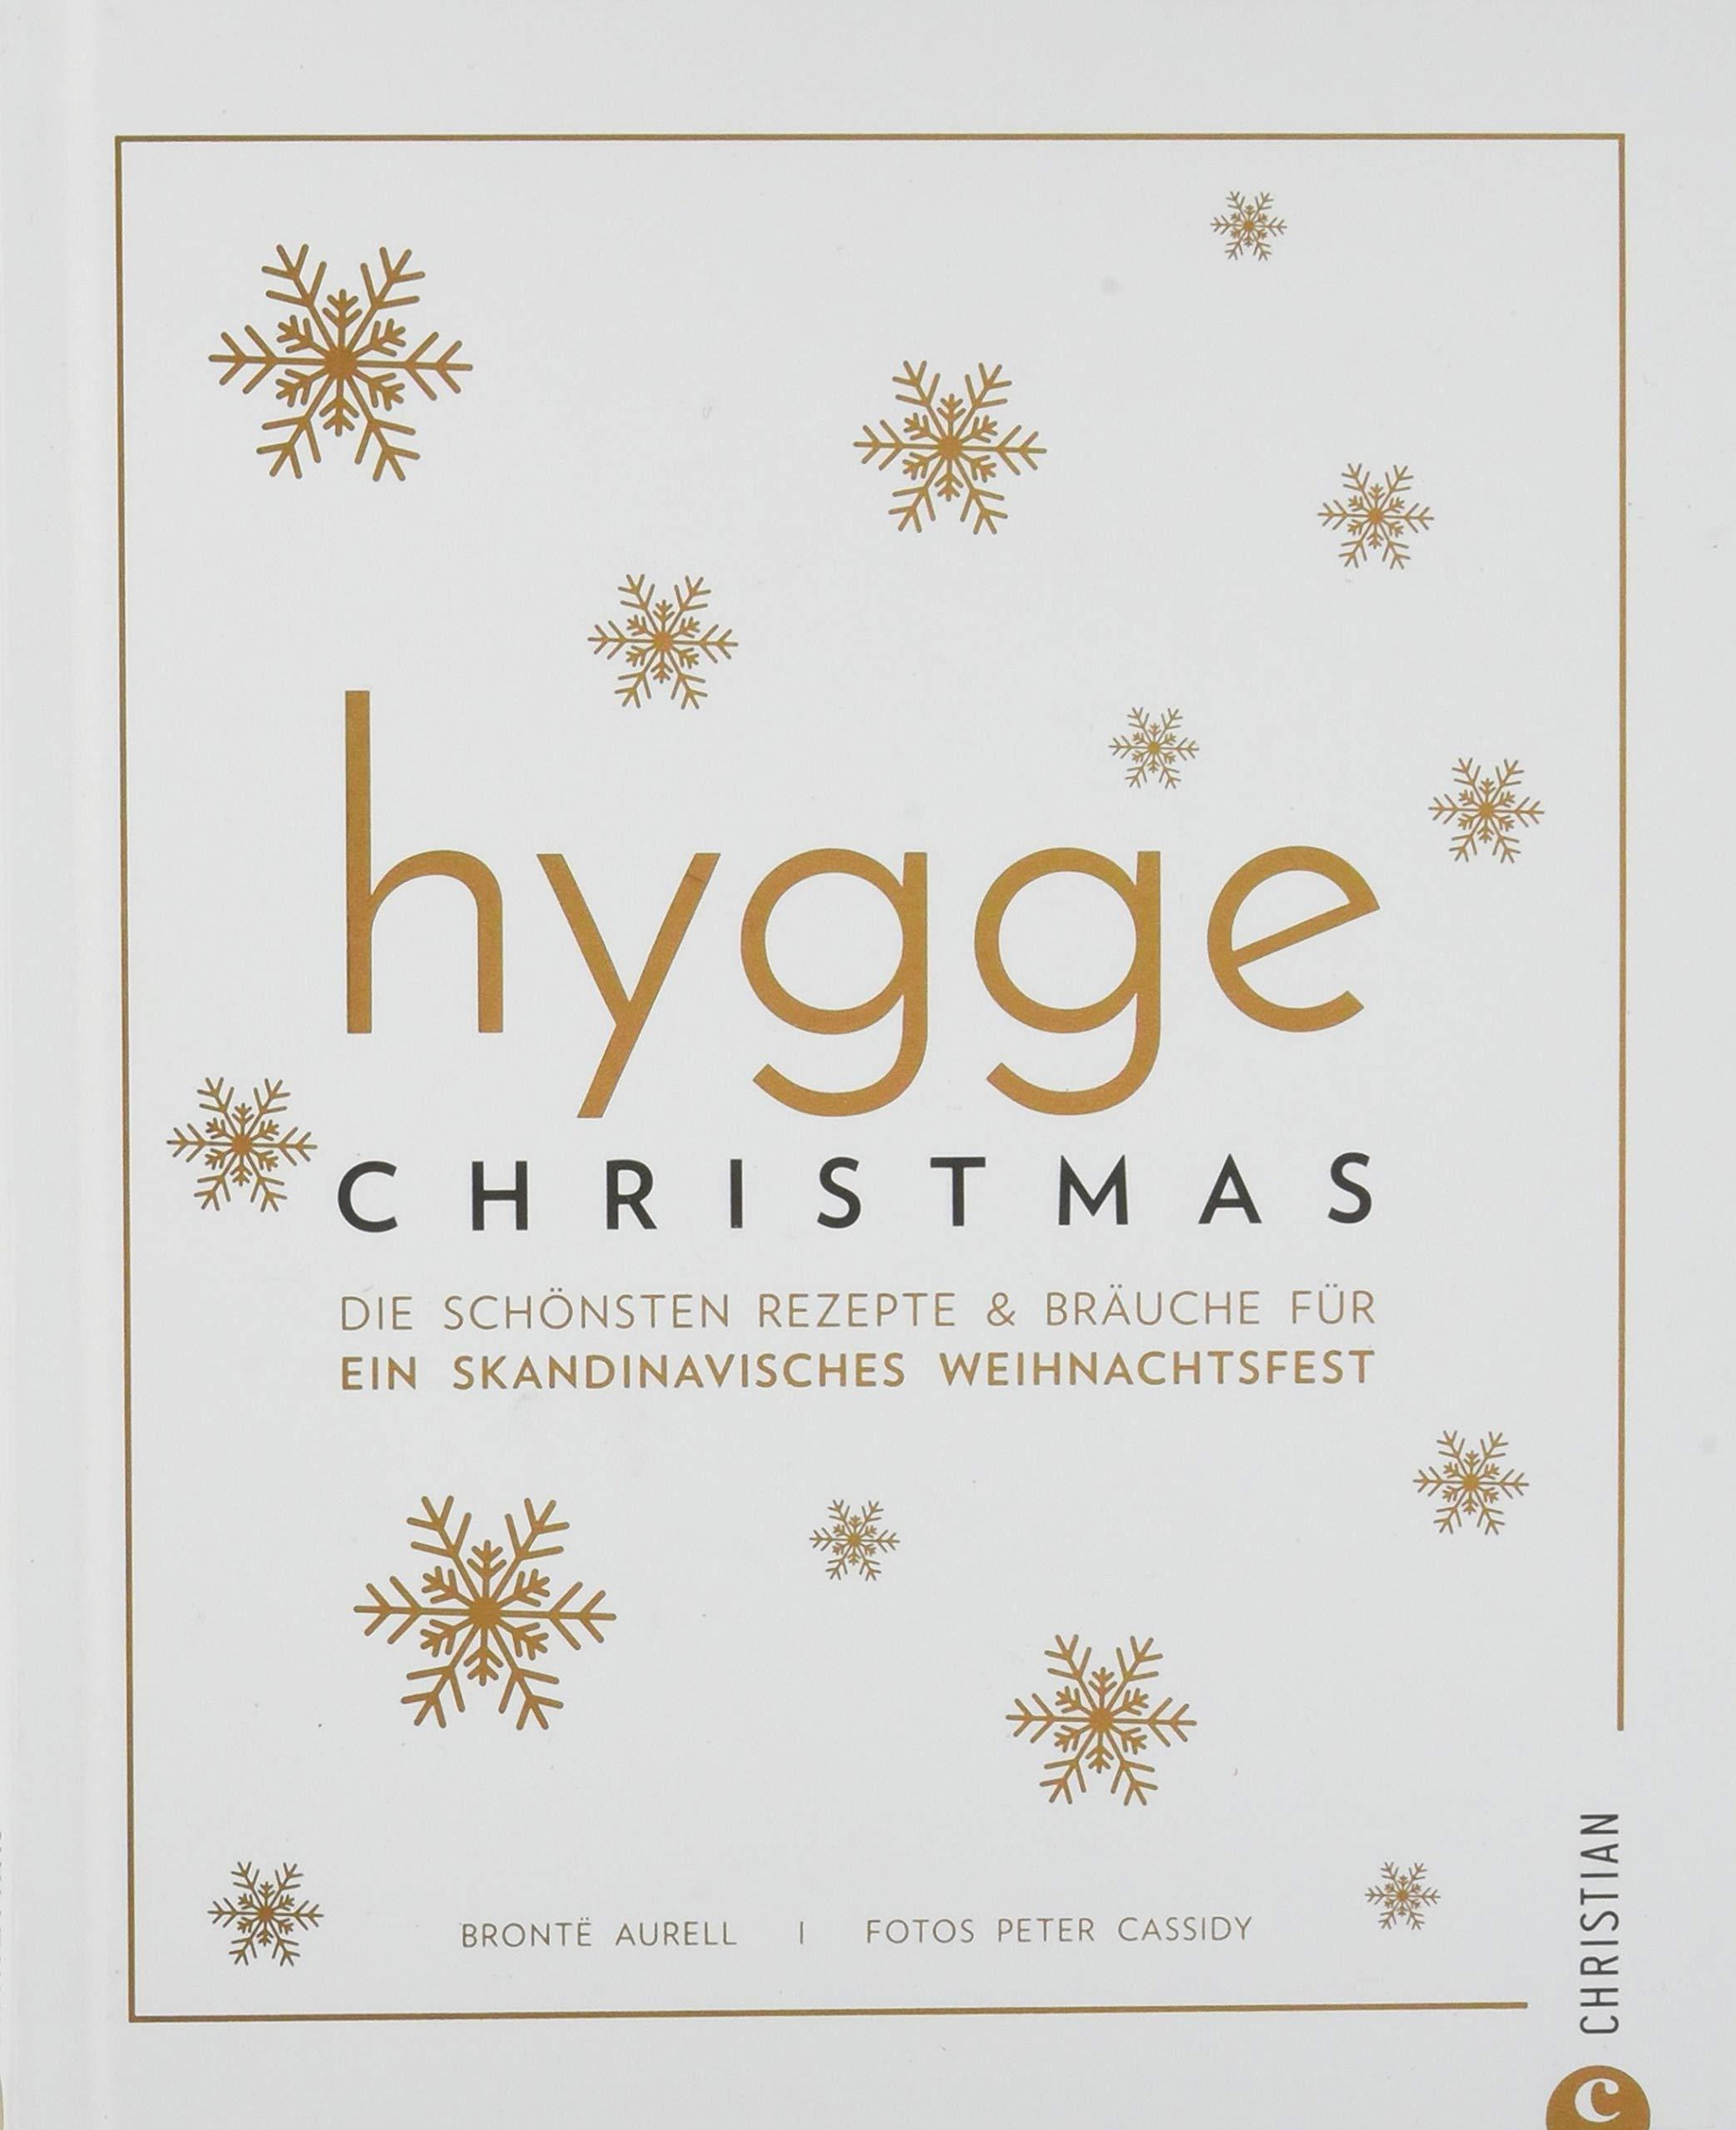 Hygge Christmas: Die schönsten Rezepte & Bräuche für ein skandinavisches Weihnachtsfest: Amazon.es: Brontë Aurell, Peter Cassidy, Birgit van der Avoort: ...